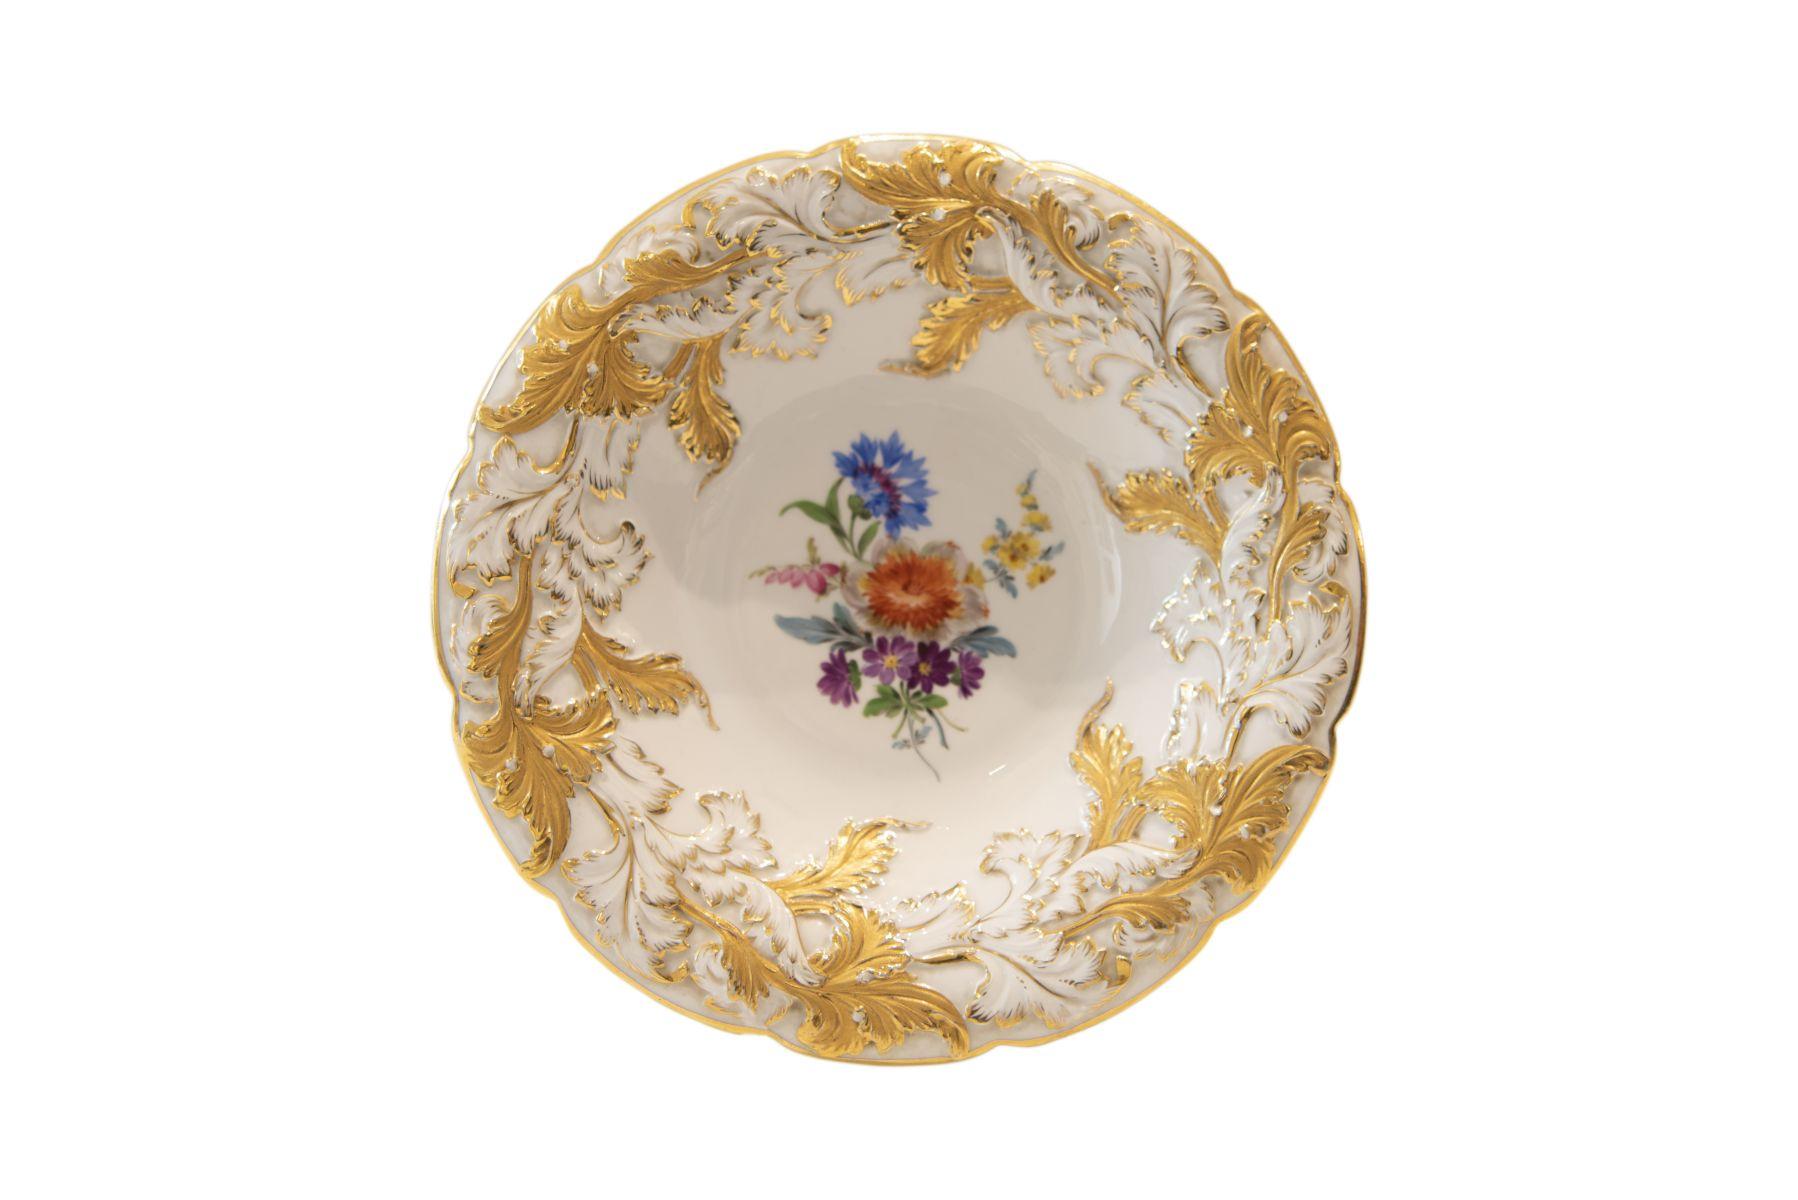 #227 Meissen ceremonial plate | Prunkteller Meissen Image